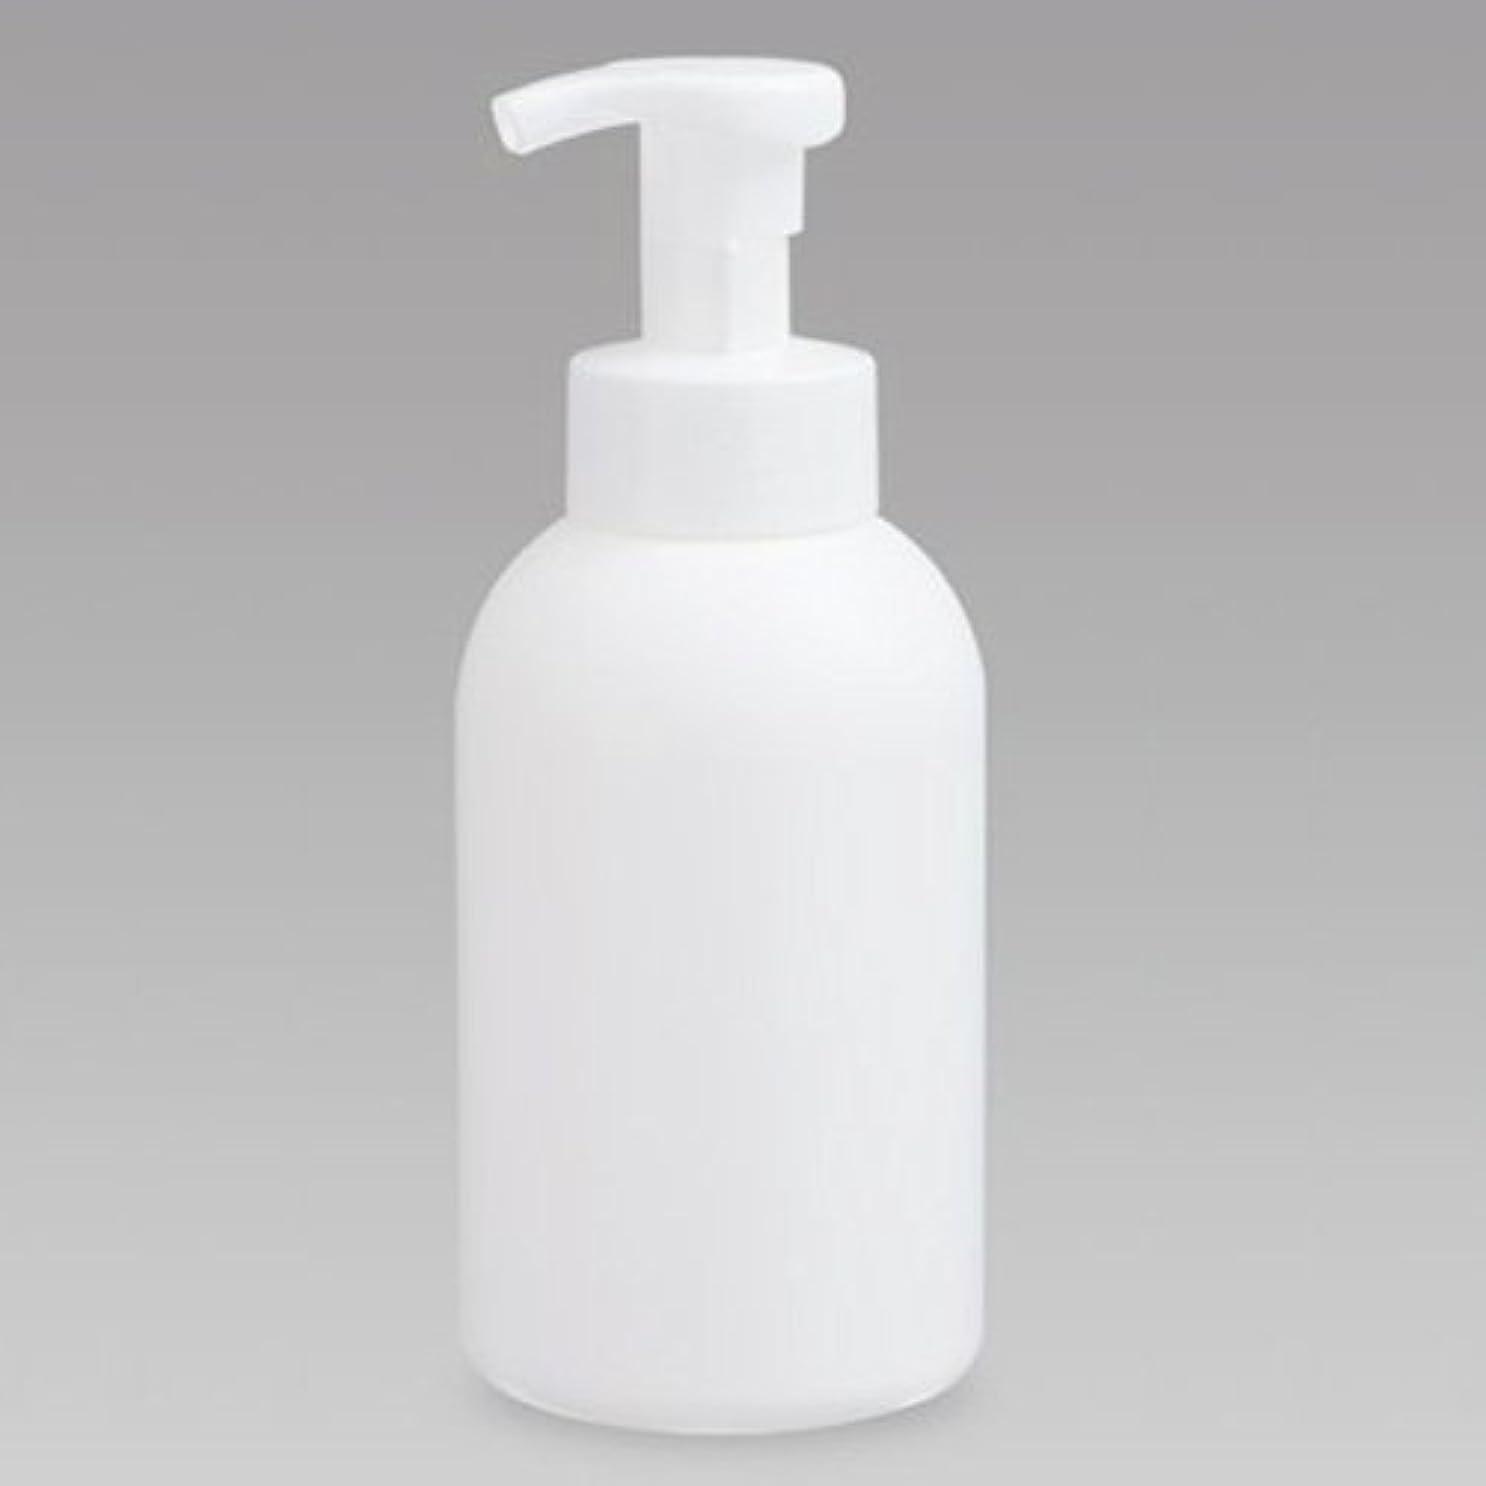 コレクション幻想著名な泡ボトル 泡ポンプボトル 500mL(PE) ホワイト 詰め替え 詰替 泡ハンドソープ 全身石鹸 ボディソープ 洗顔フォーム